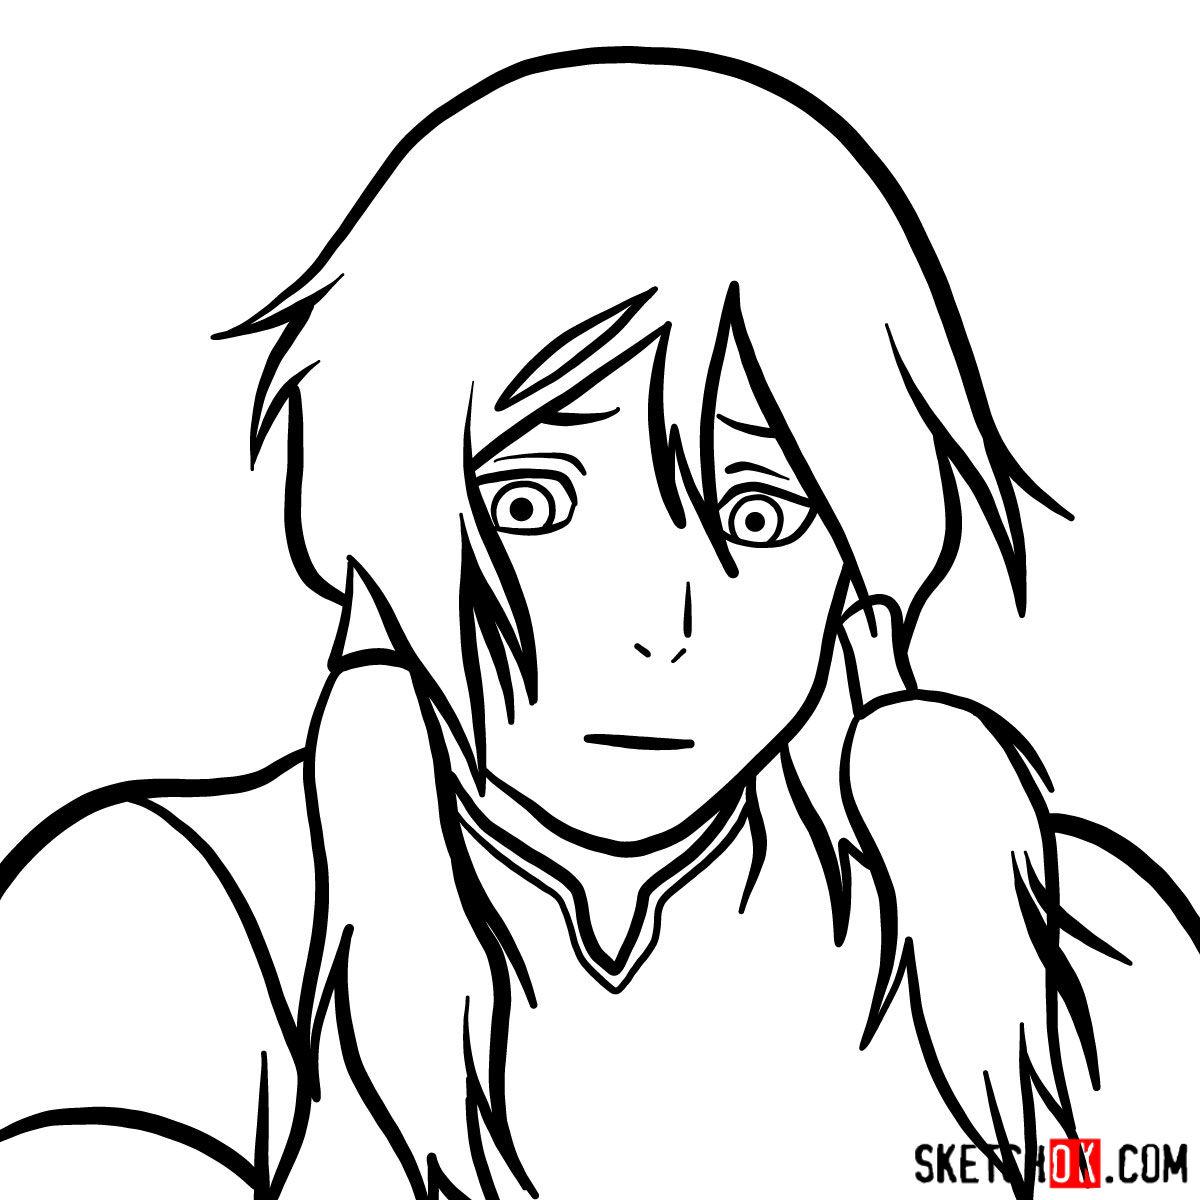 How to draw Korra's portrait - step 08